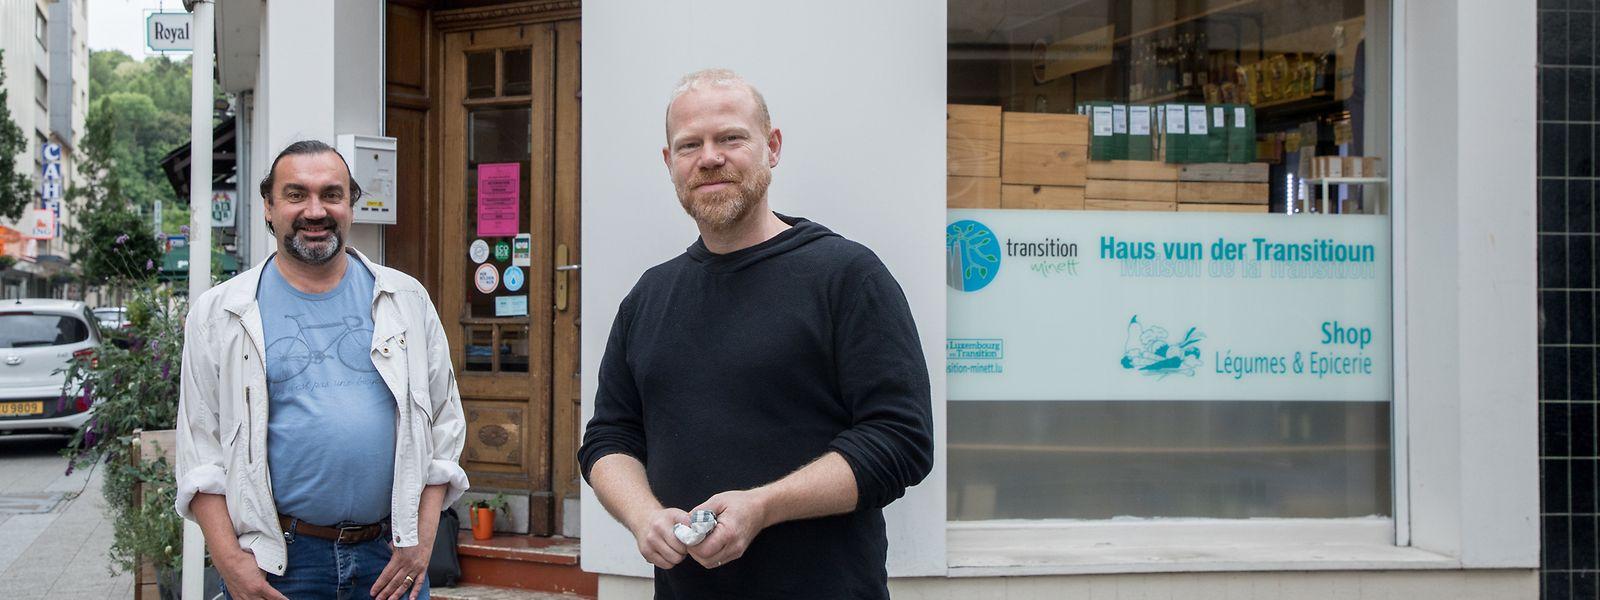 Eric Lavillunière (l.) und Norry Schneider sind Mitbegründer der Bewegung Transition Minett.